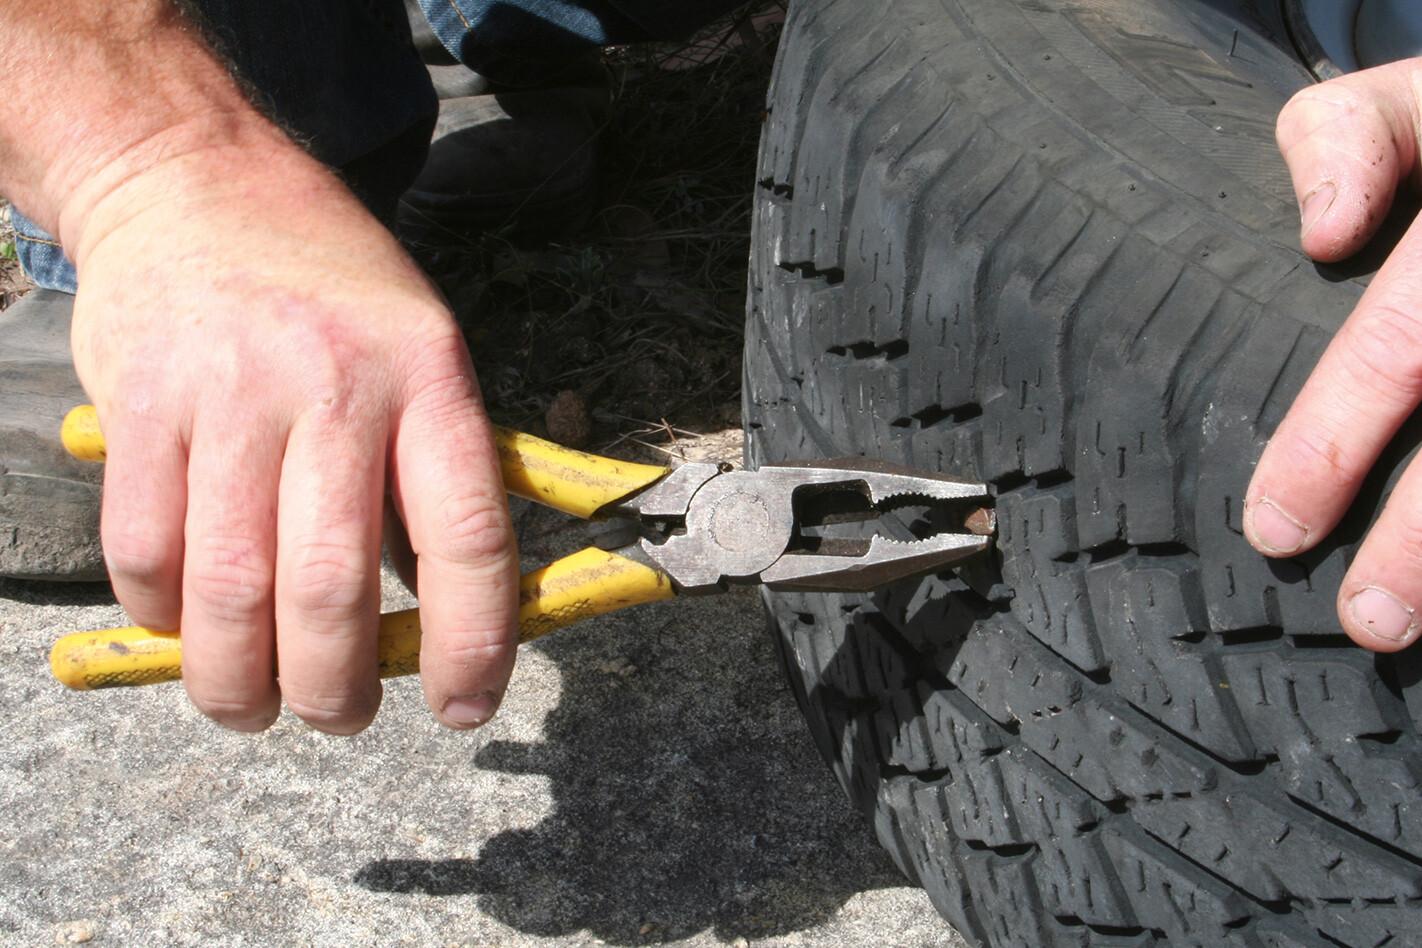 Pliers-tyre.jpg